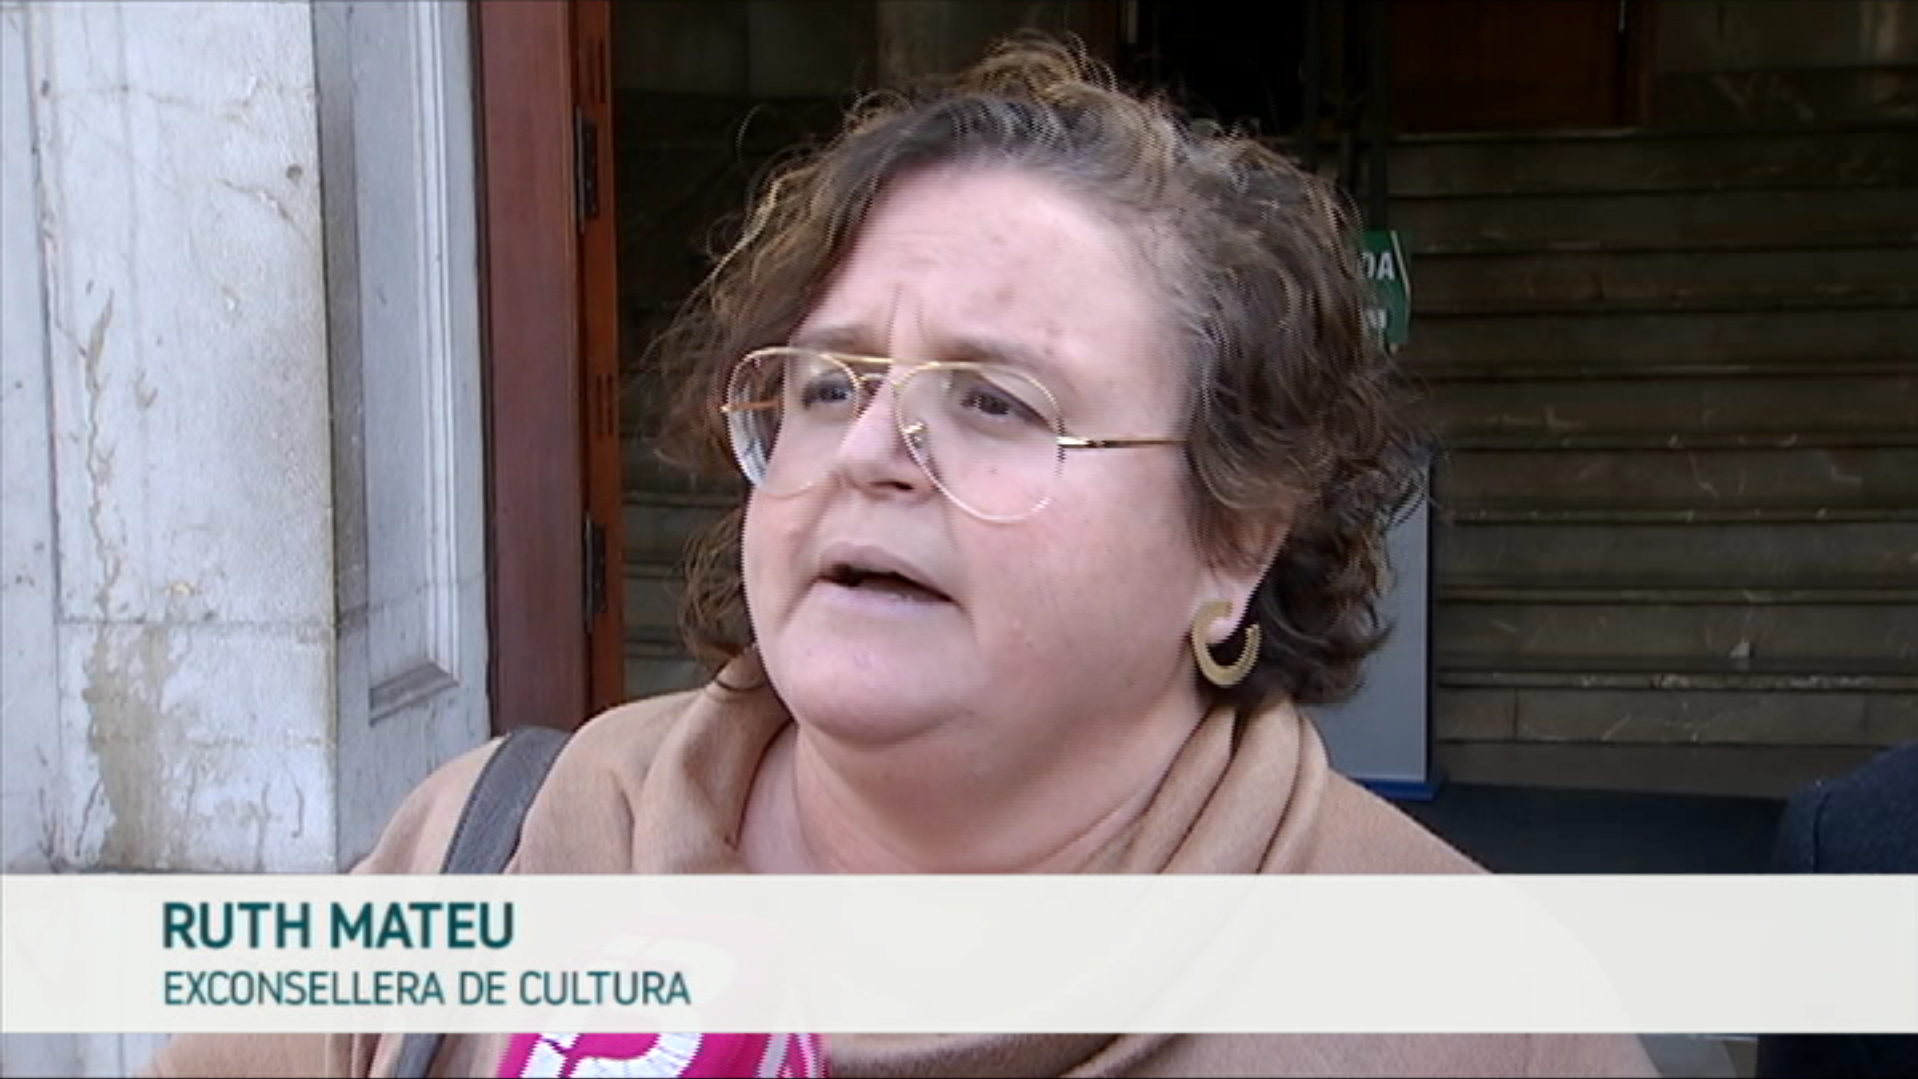 L%27exconsellera+Ruth+Mateu+nega+irregularitats+en+el+contracte+adjudicat+a+Jaume+Garau